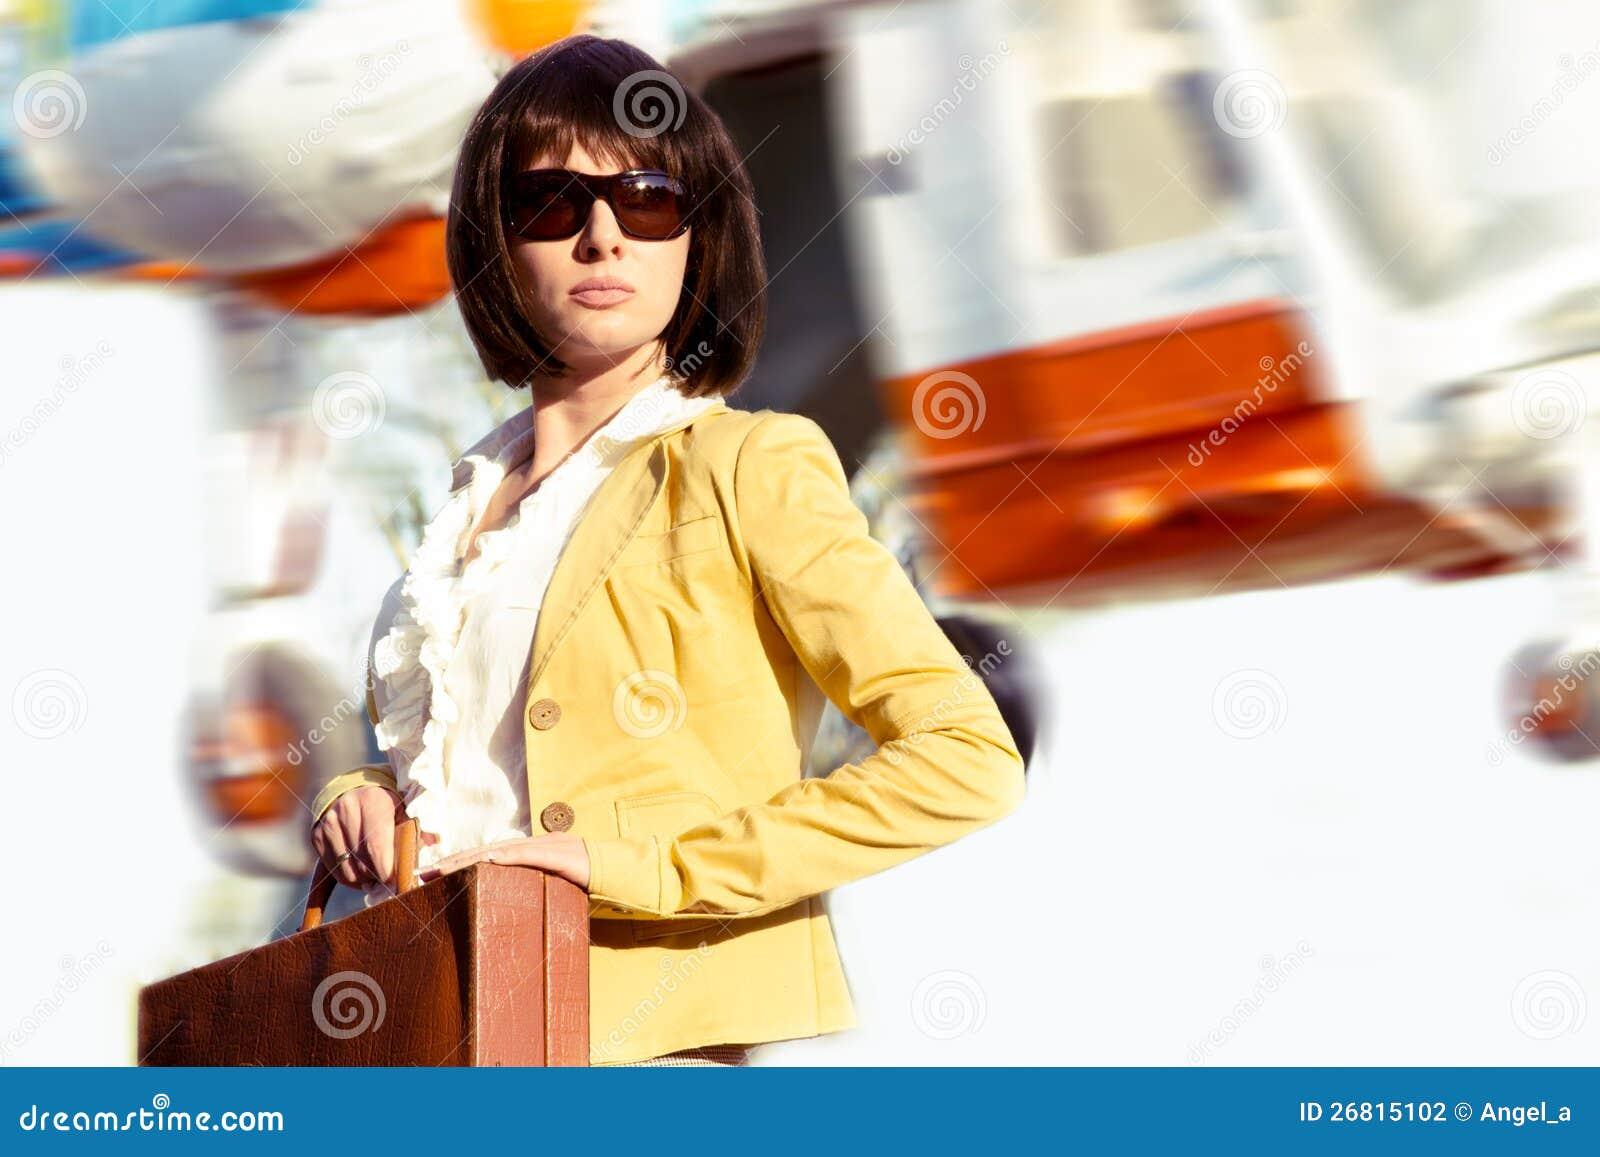 Фото бизнес леди с дипломатом 6 фотография